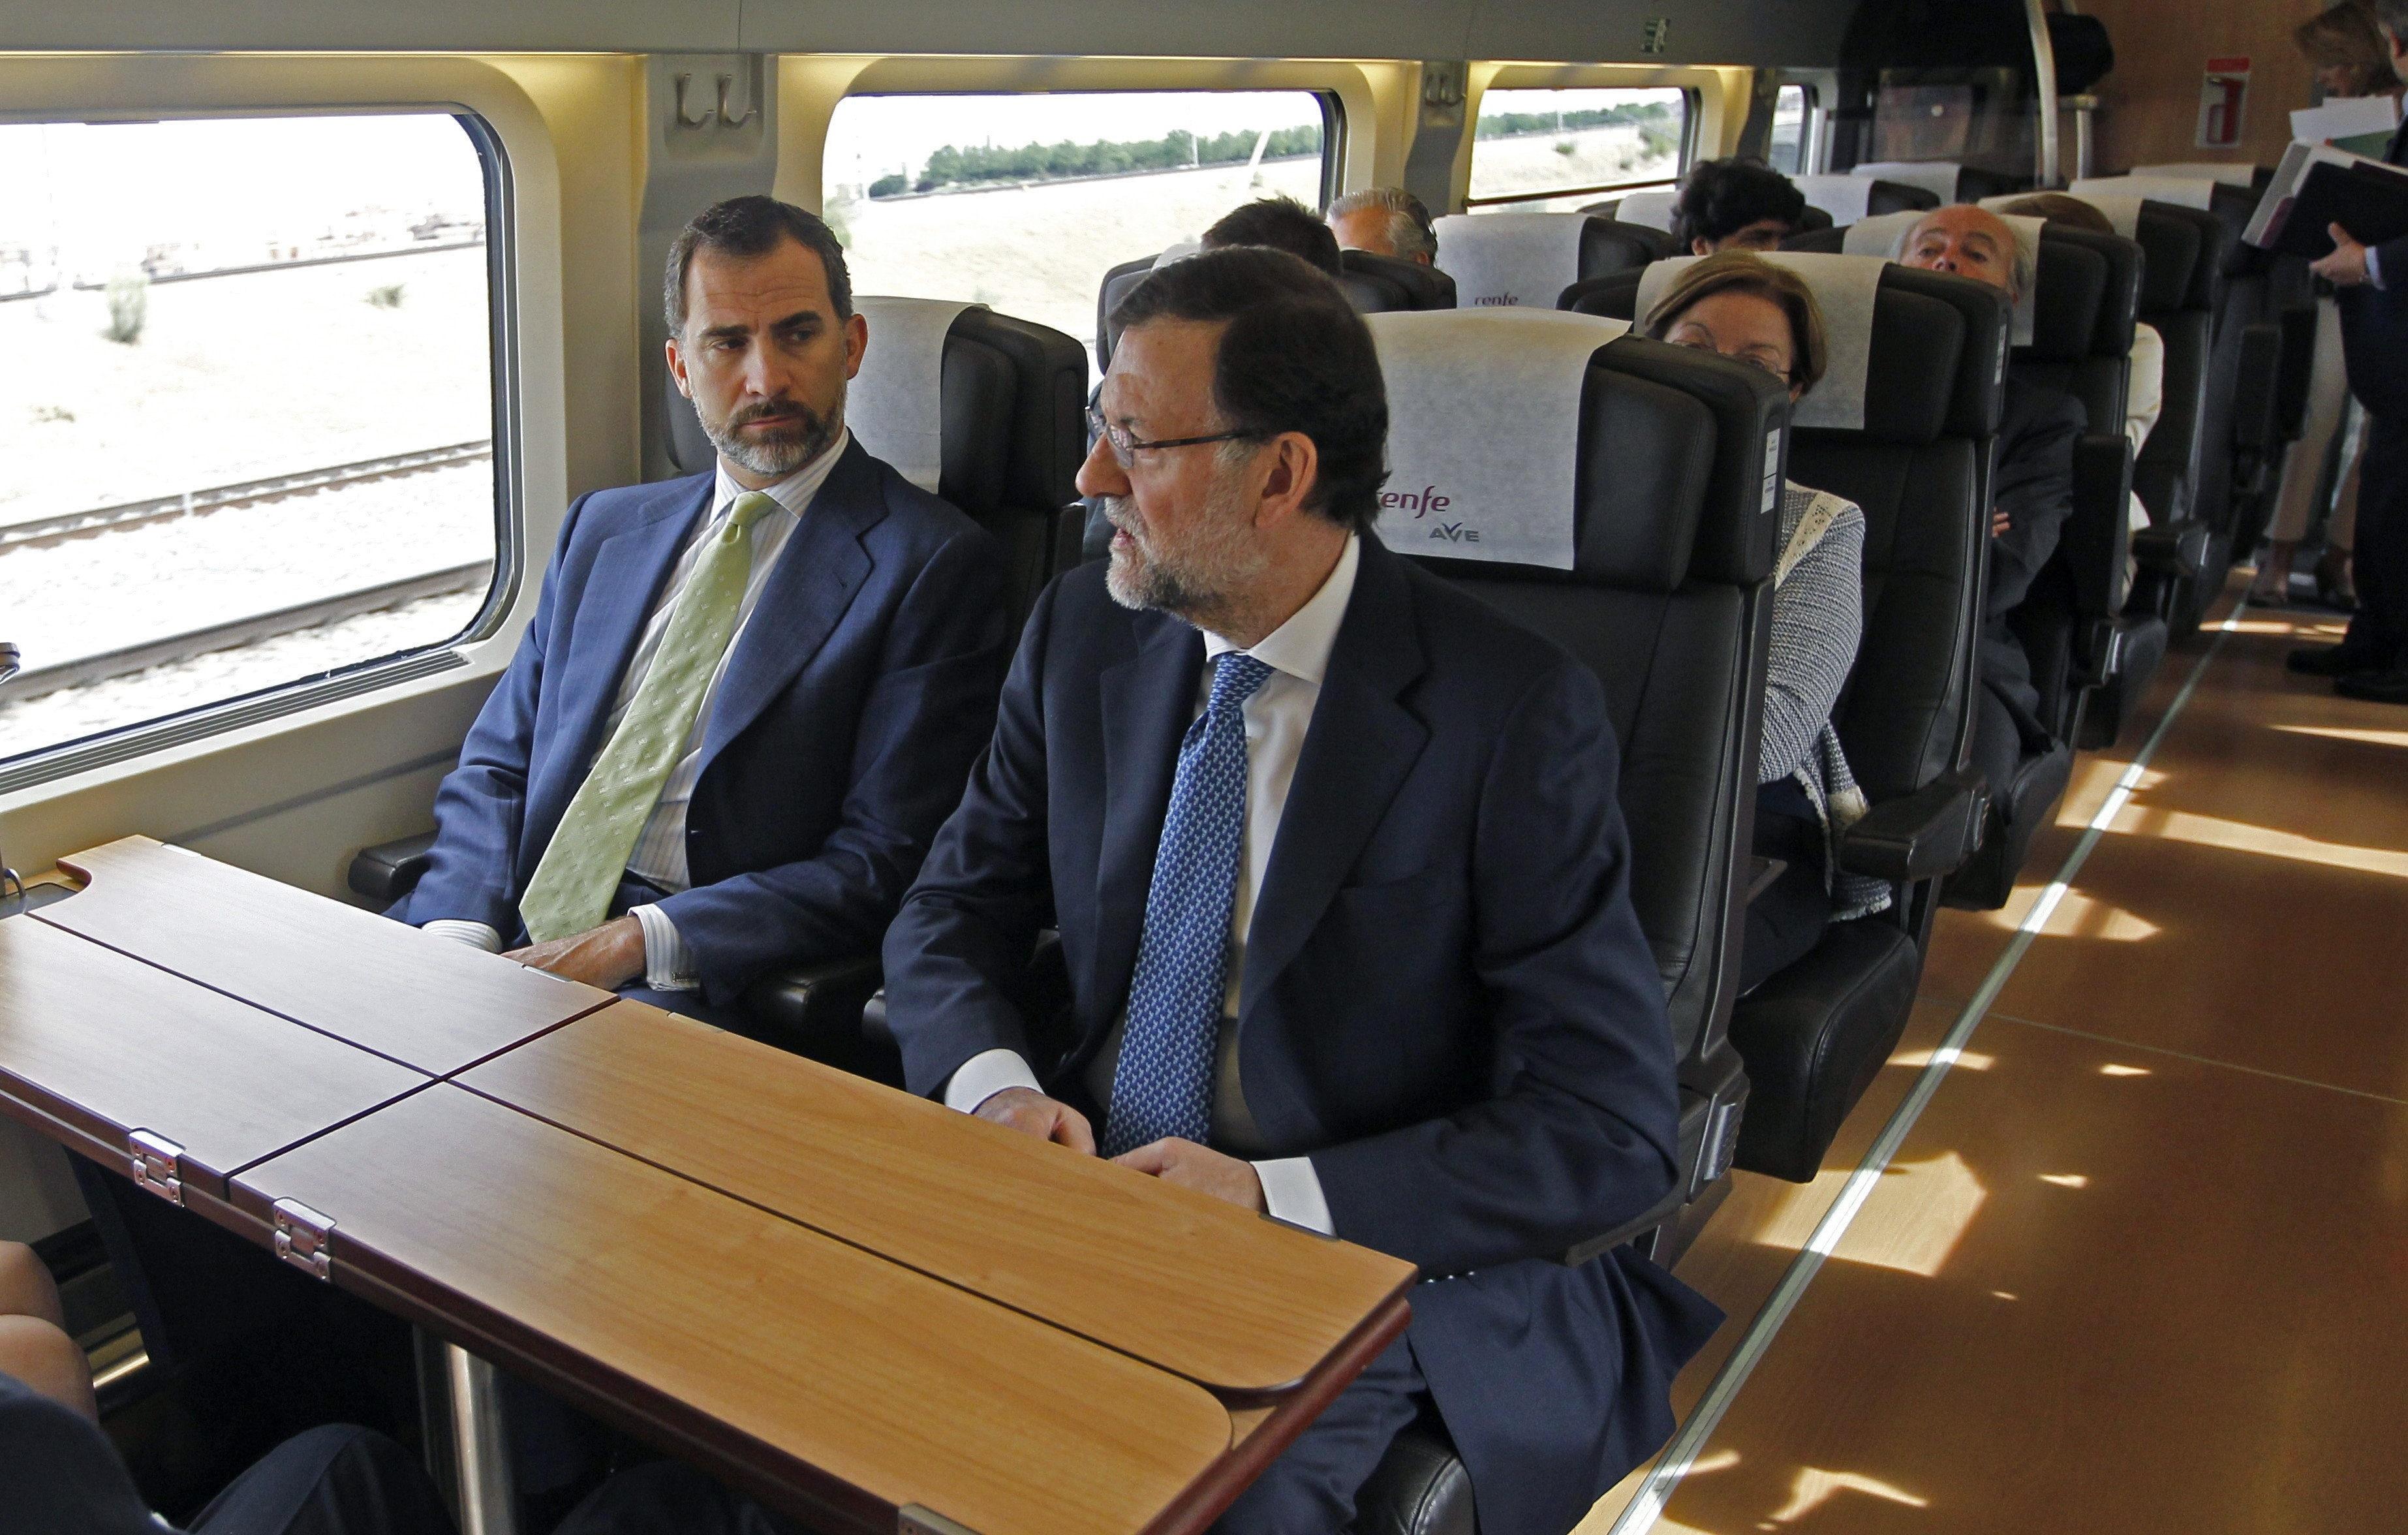 El Príncipe destaca el papel del AVE a Alicante como «palanca» económica